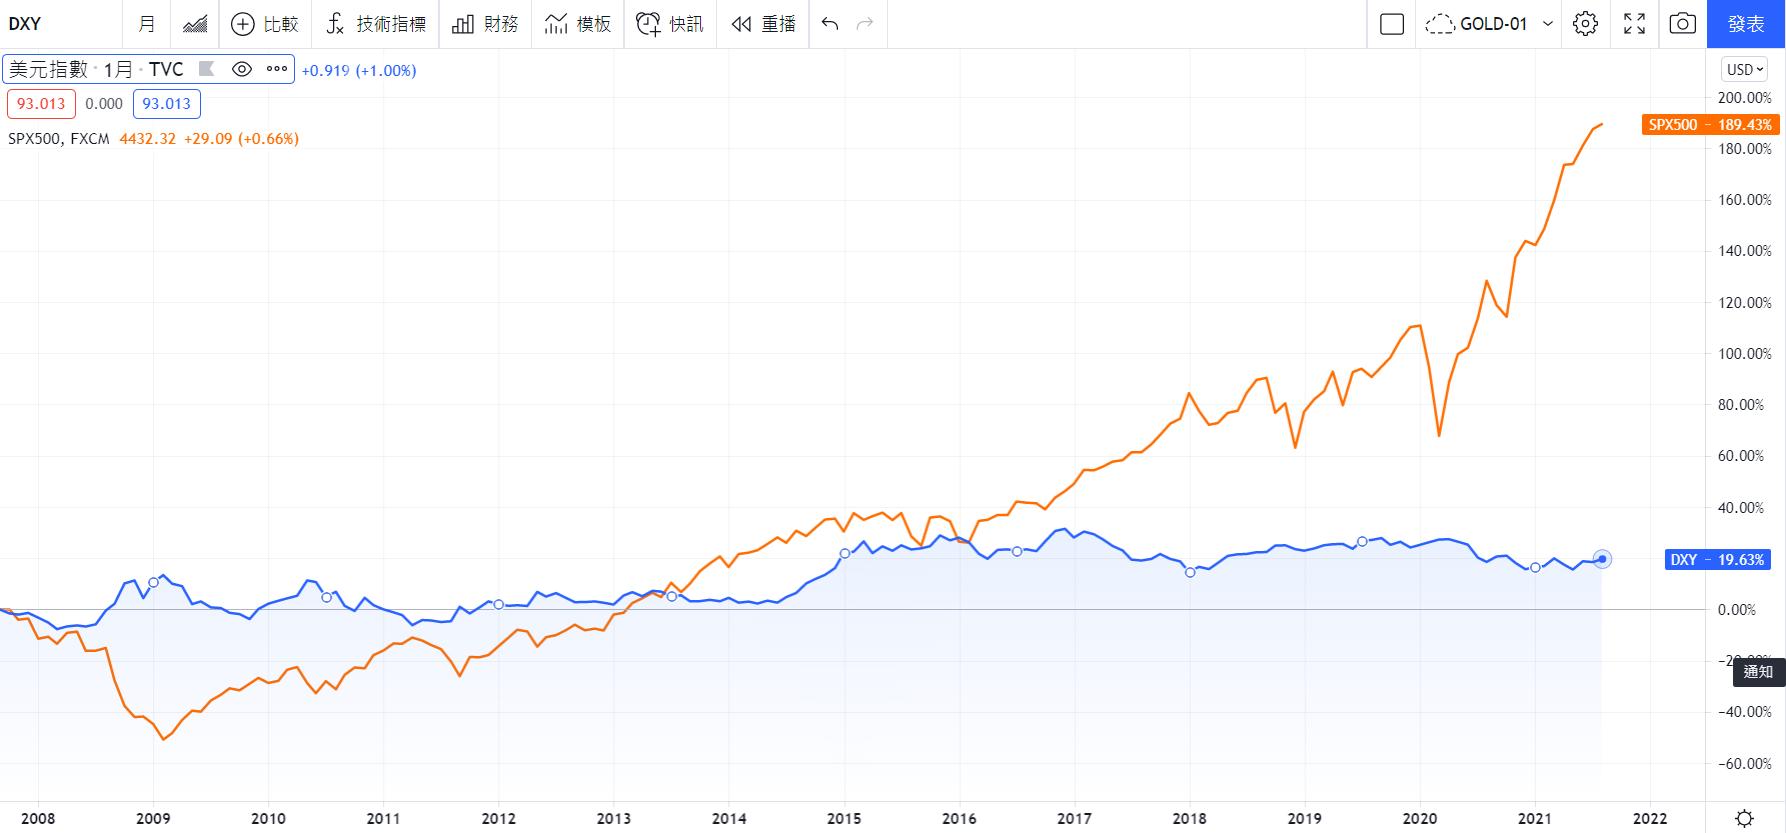 藍:美元指數 橘:SPX500 資料來源:TradingView